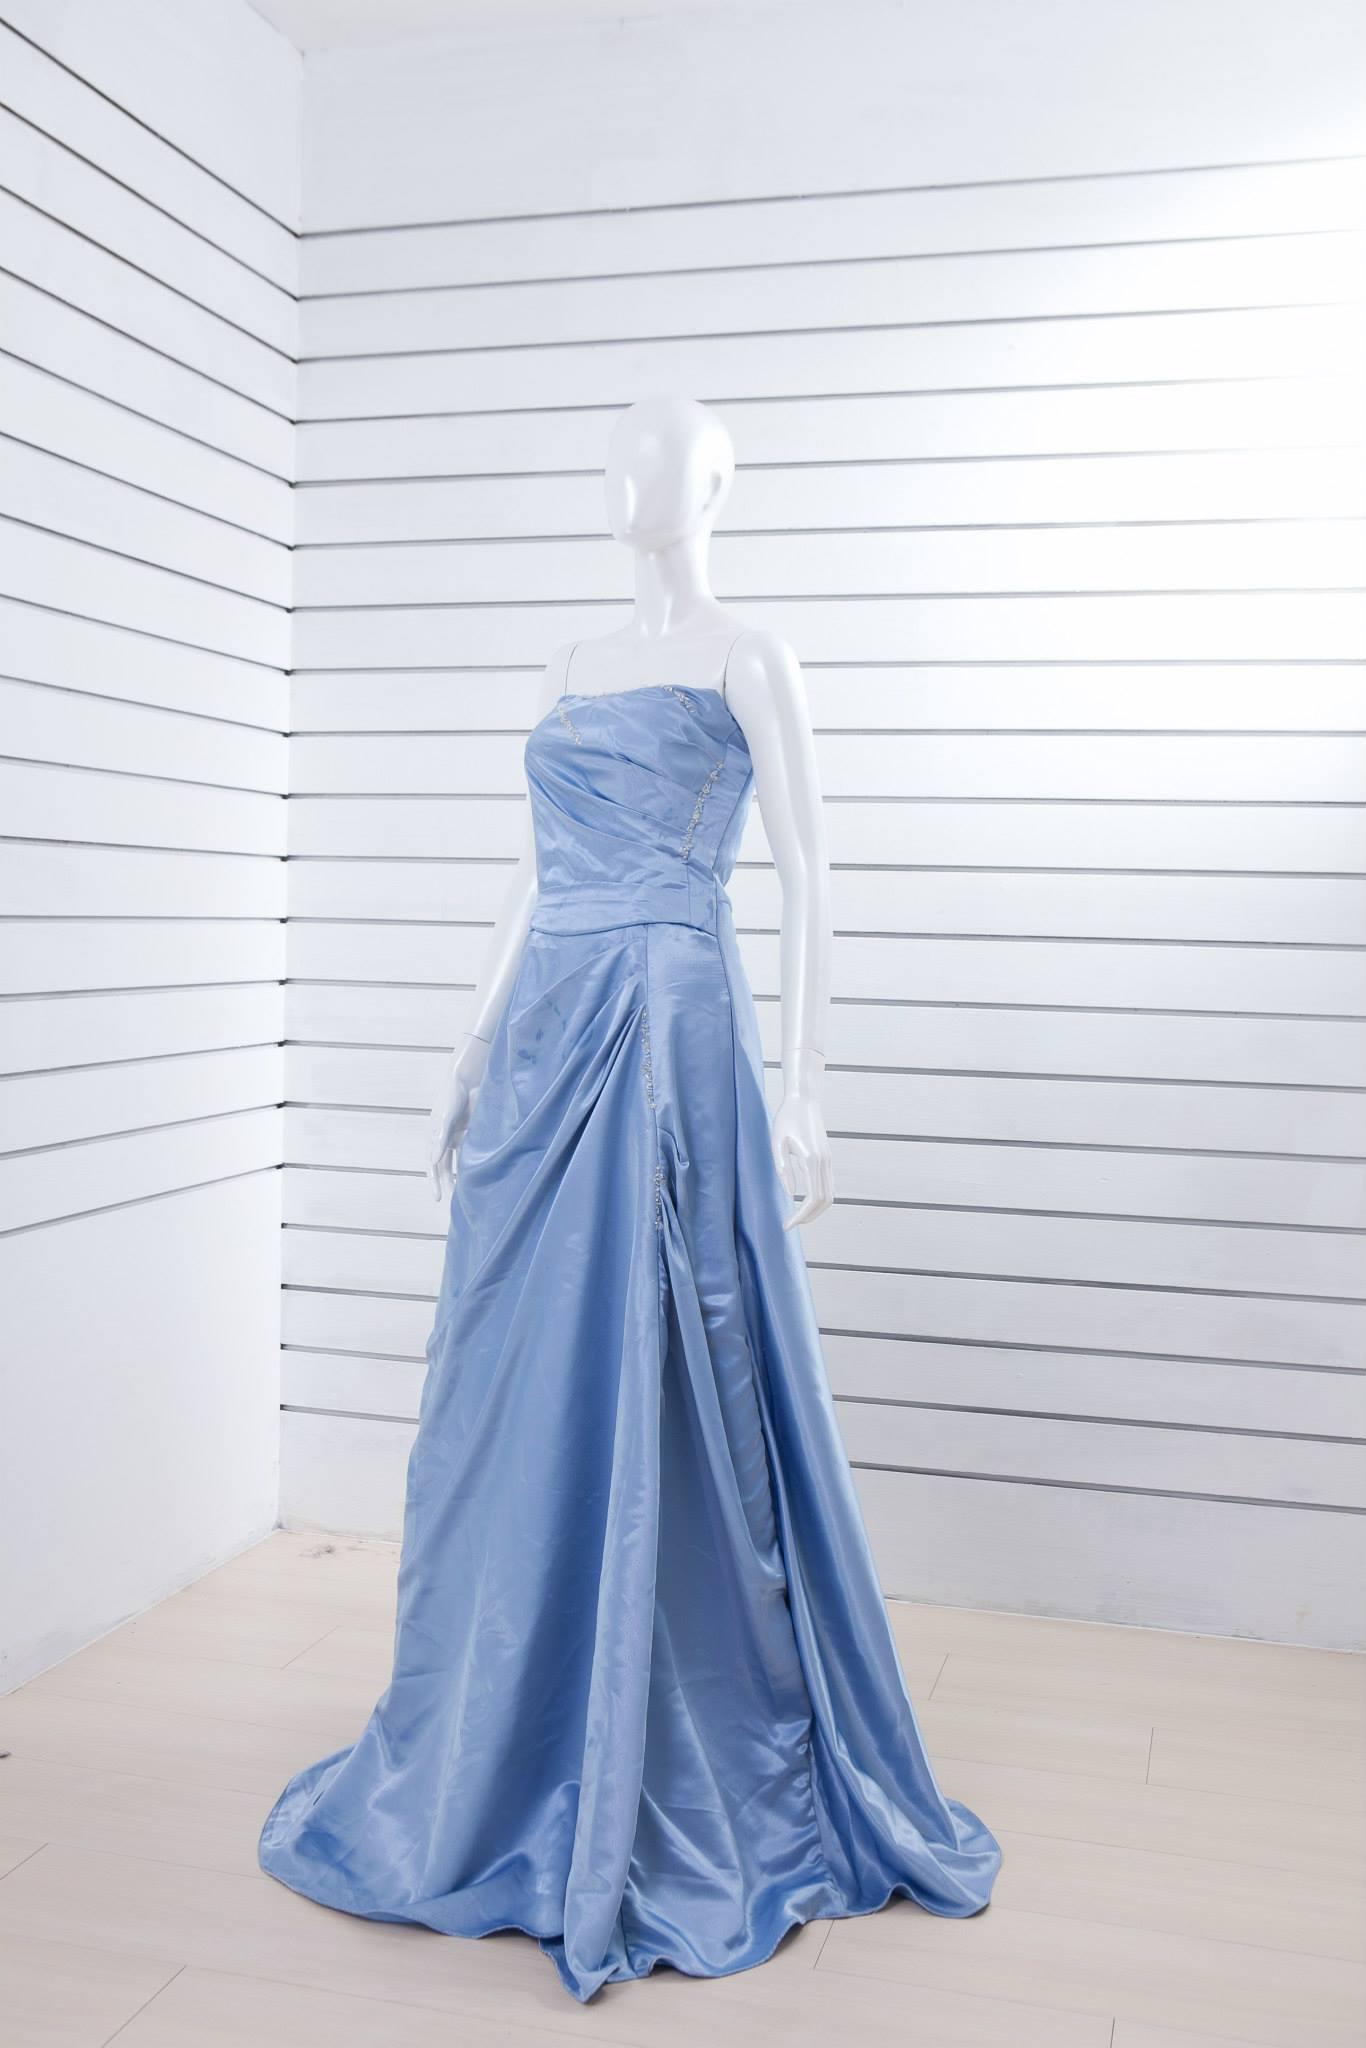 婚紗展,二手禮服出售,拍婚紗風格,婚紗包套推薦,婚禮攝影,婚紗攝影,自助婚紗ptt